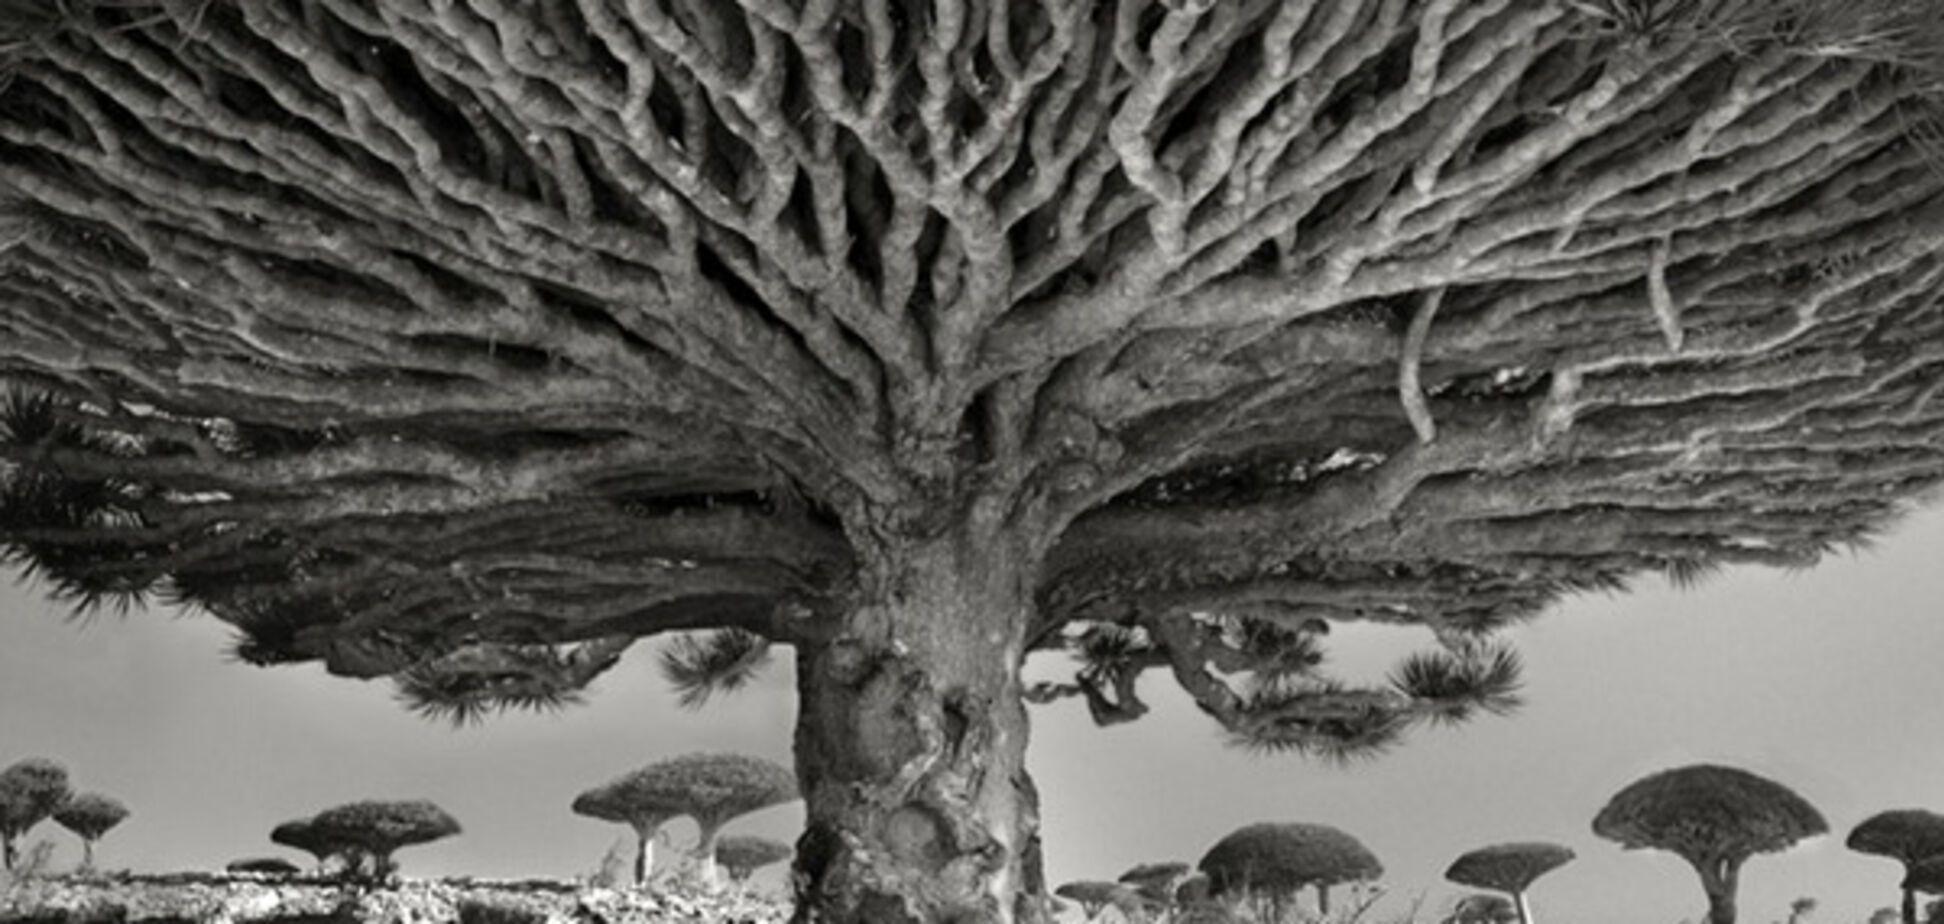 Драцена, дерево